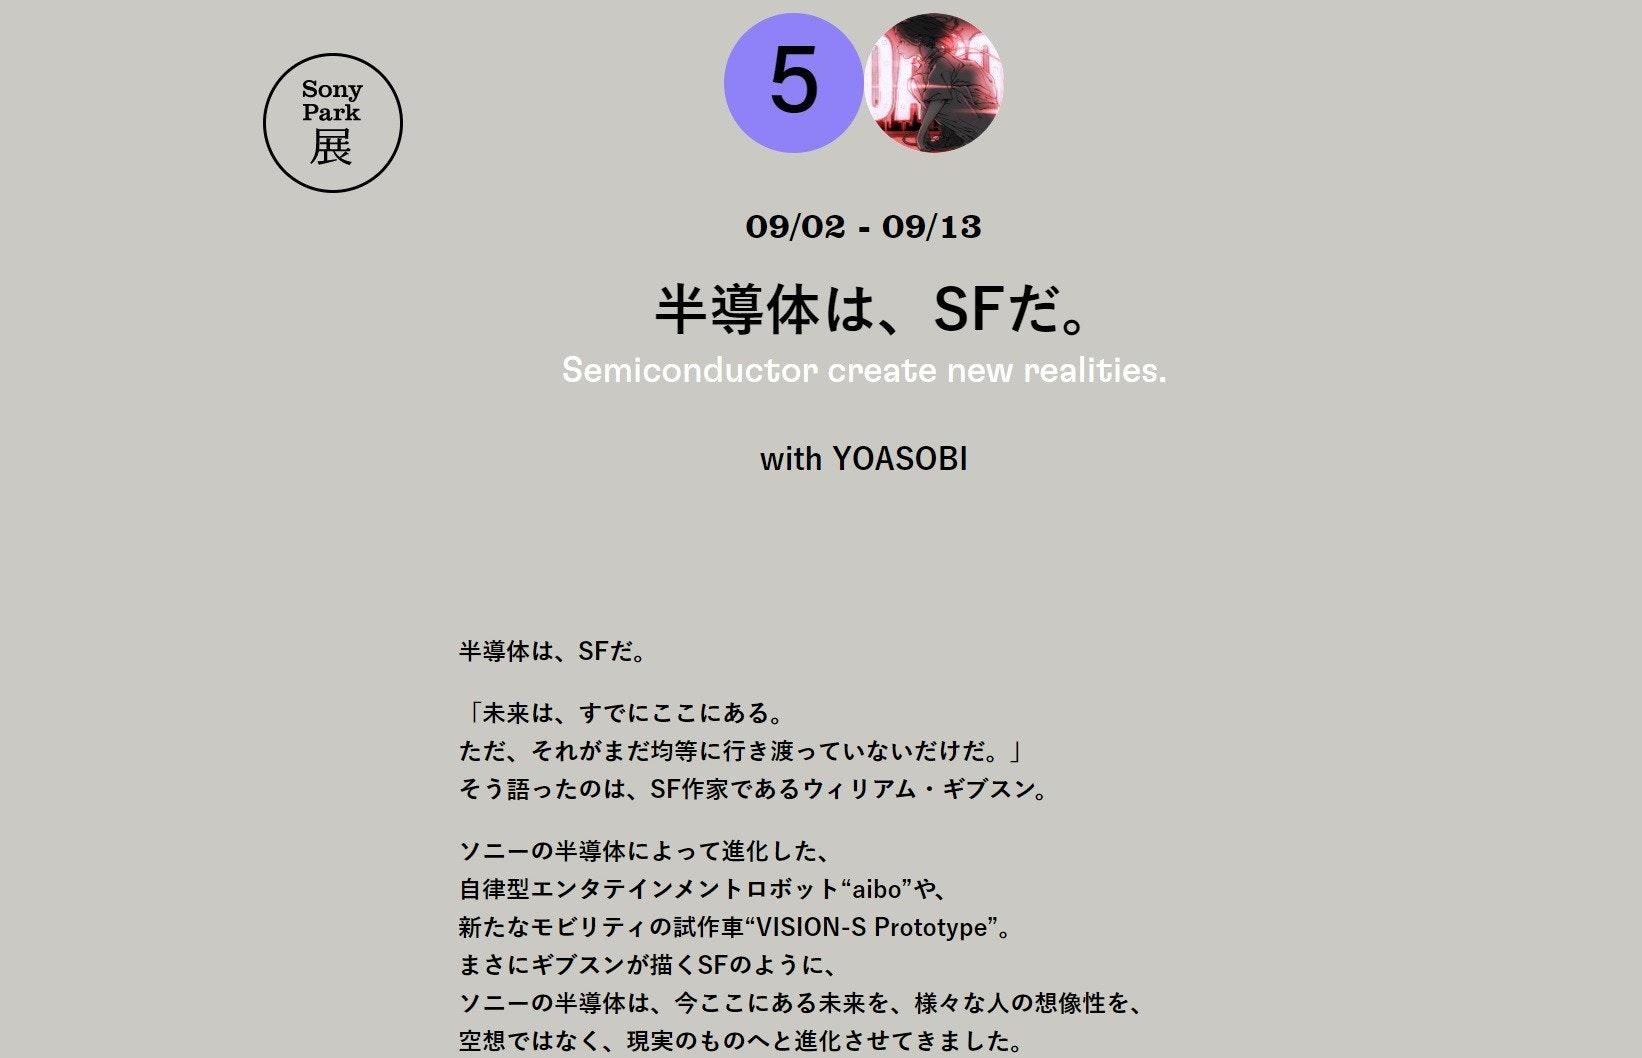 照片中提到了5川、Sony、Park,包含了圖、產品、牌、字形、線